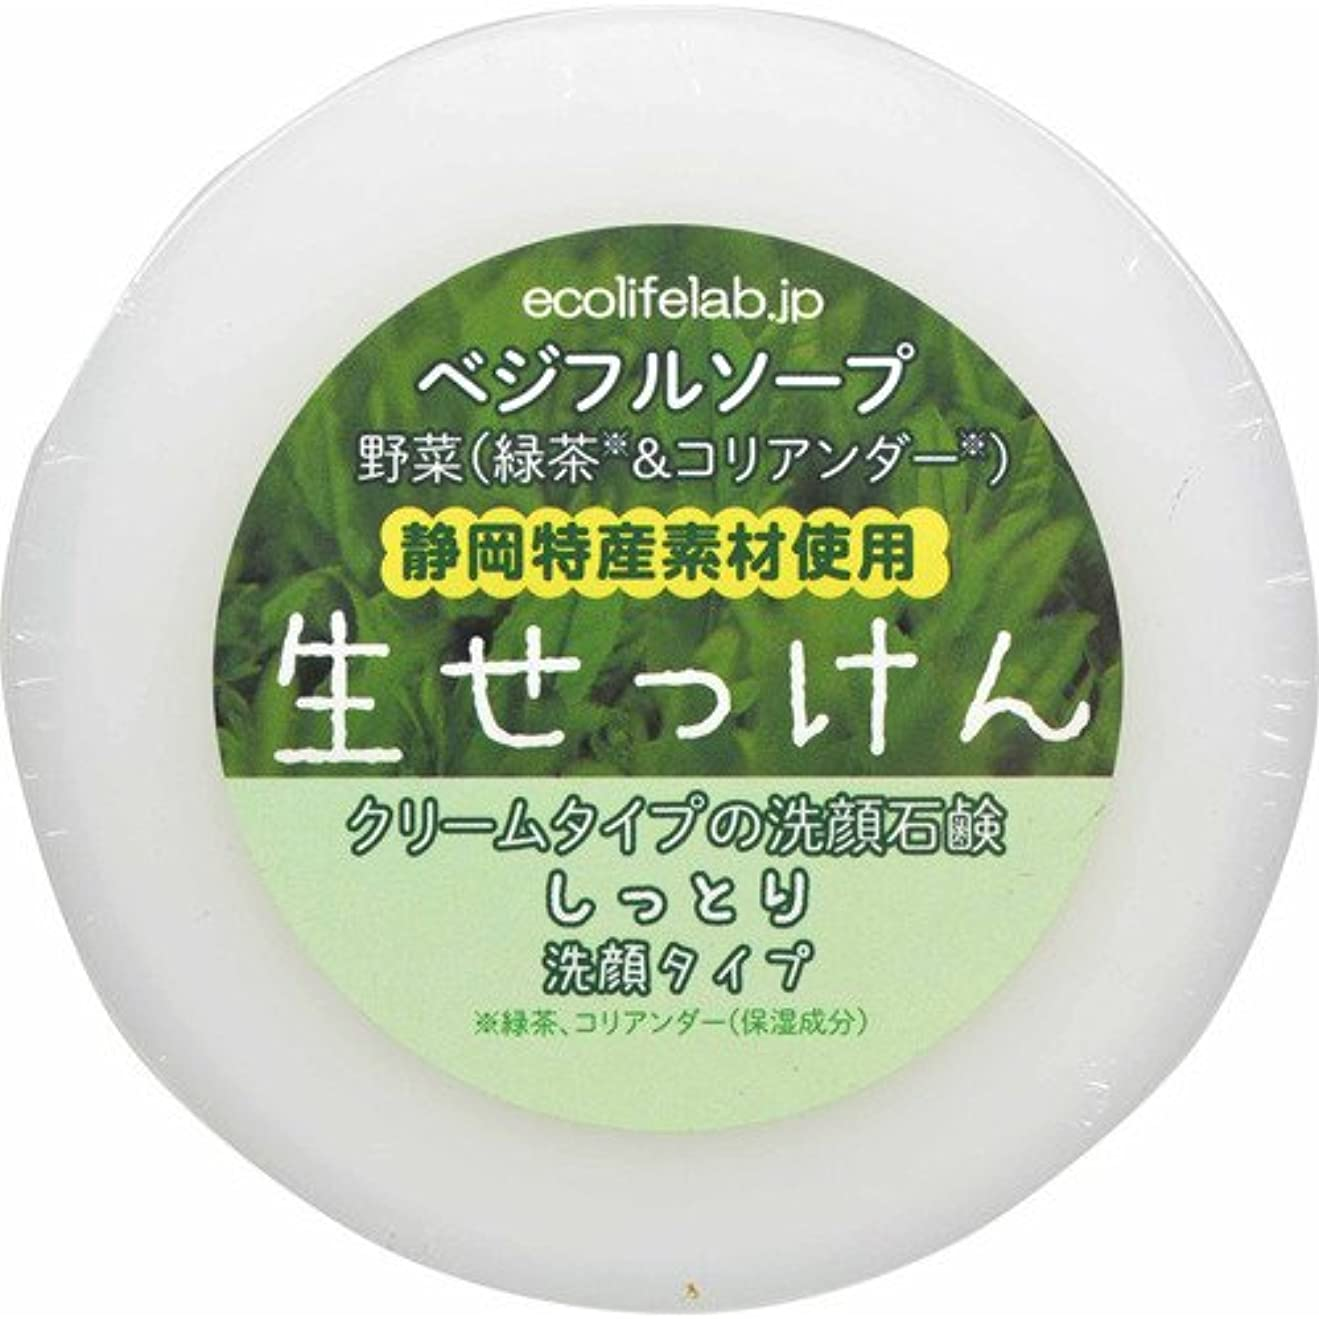 ヒゲクジラ慎重ライトニングベジフルソープ 生せっけん(野菜) しっとり洗顔タイプ 100g